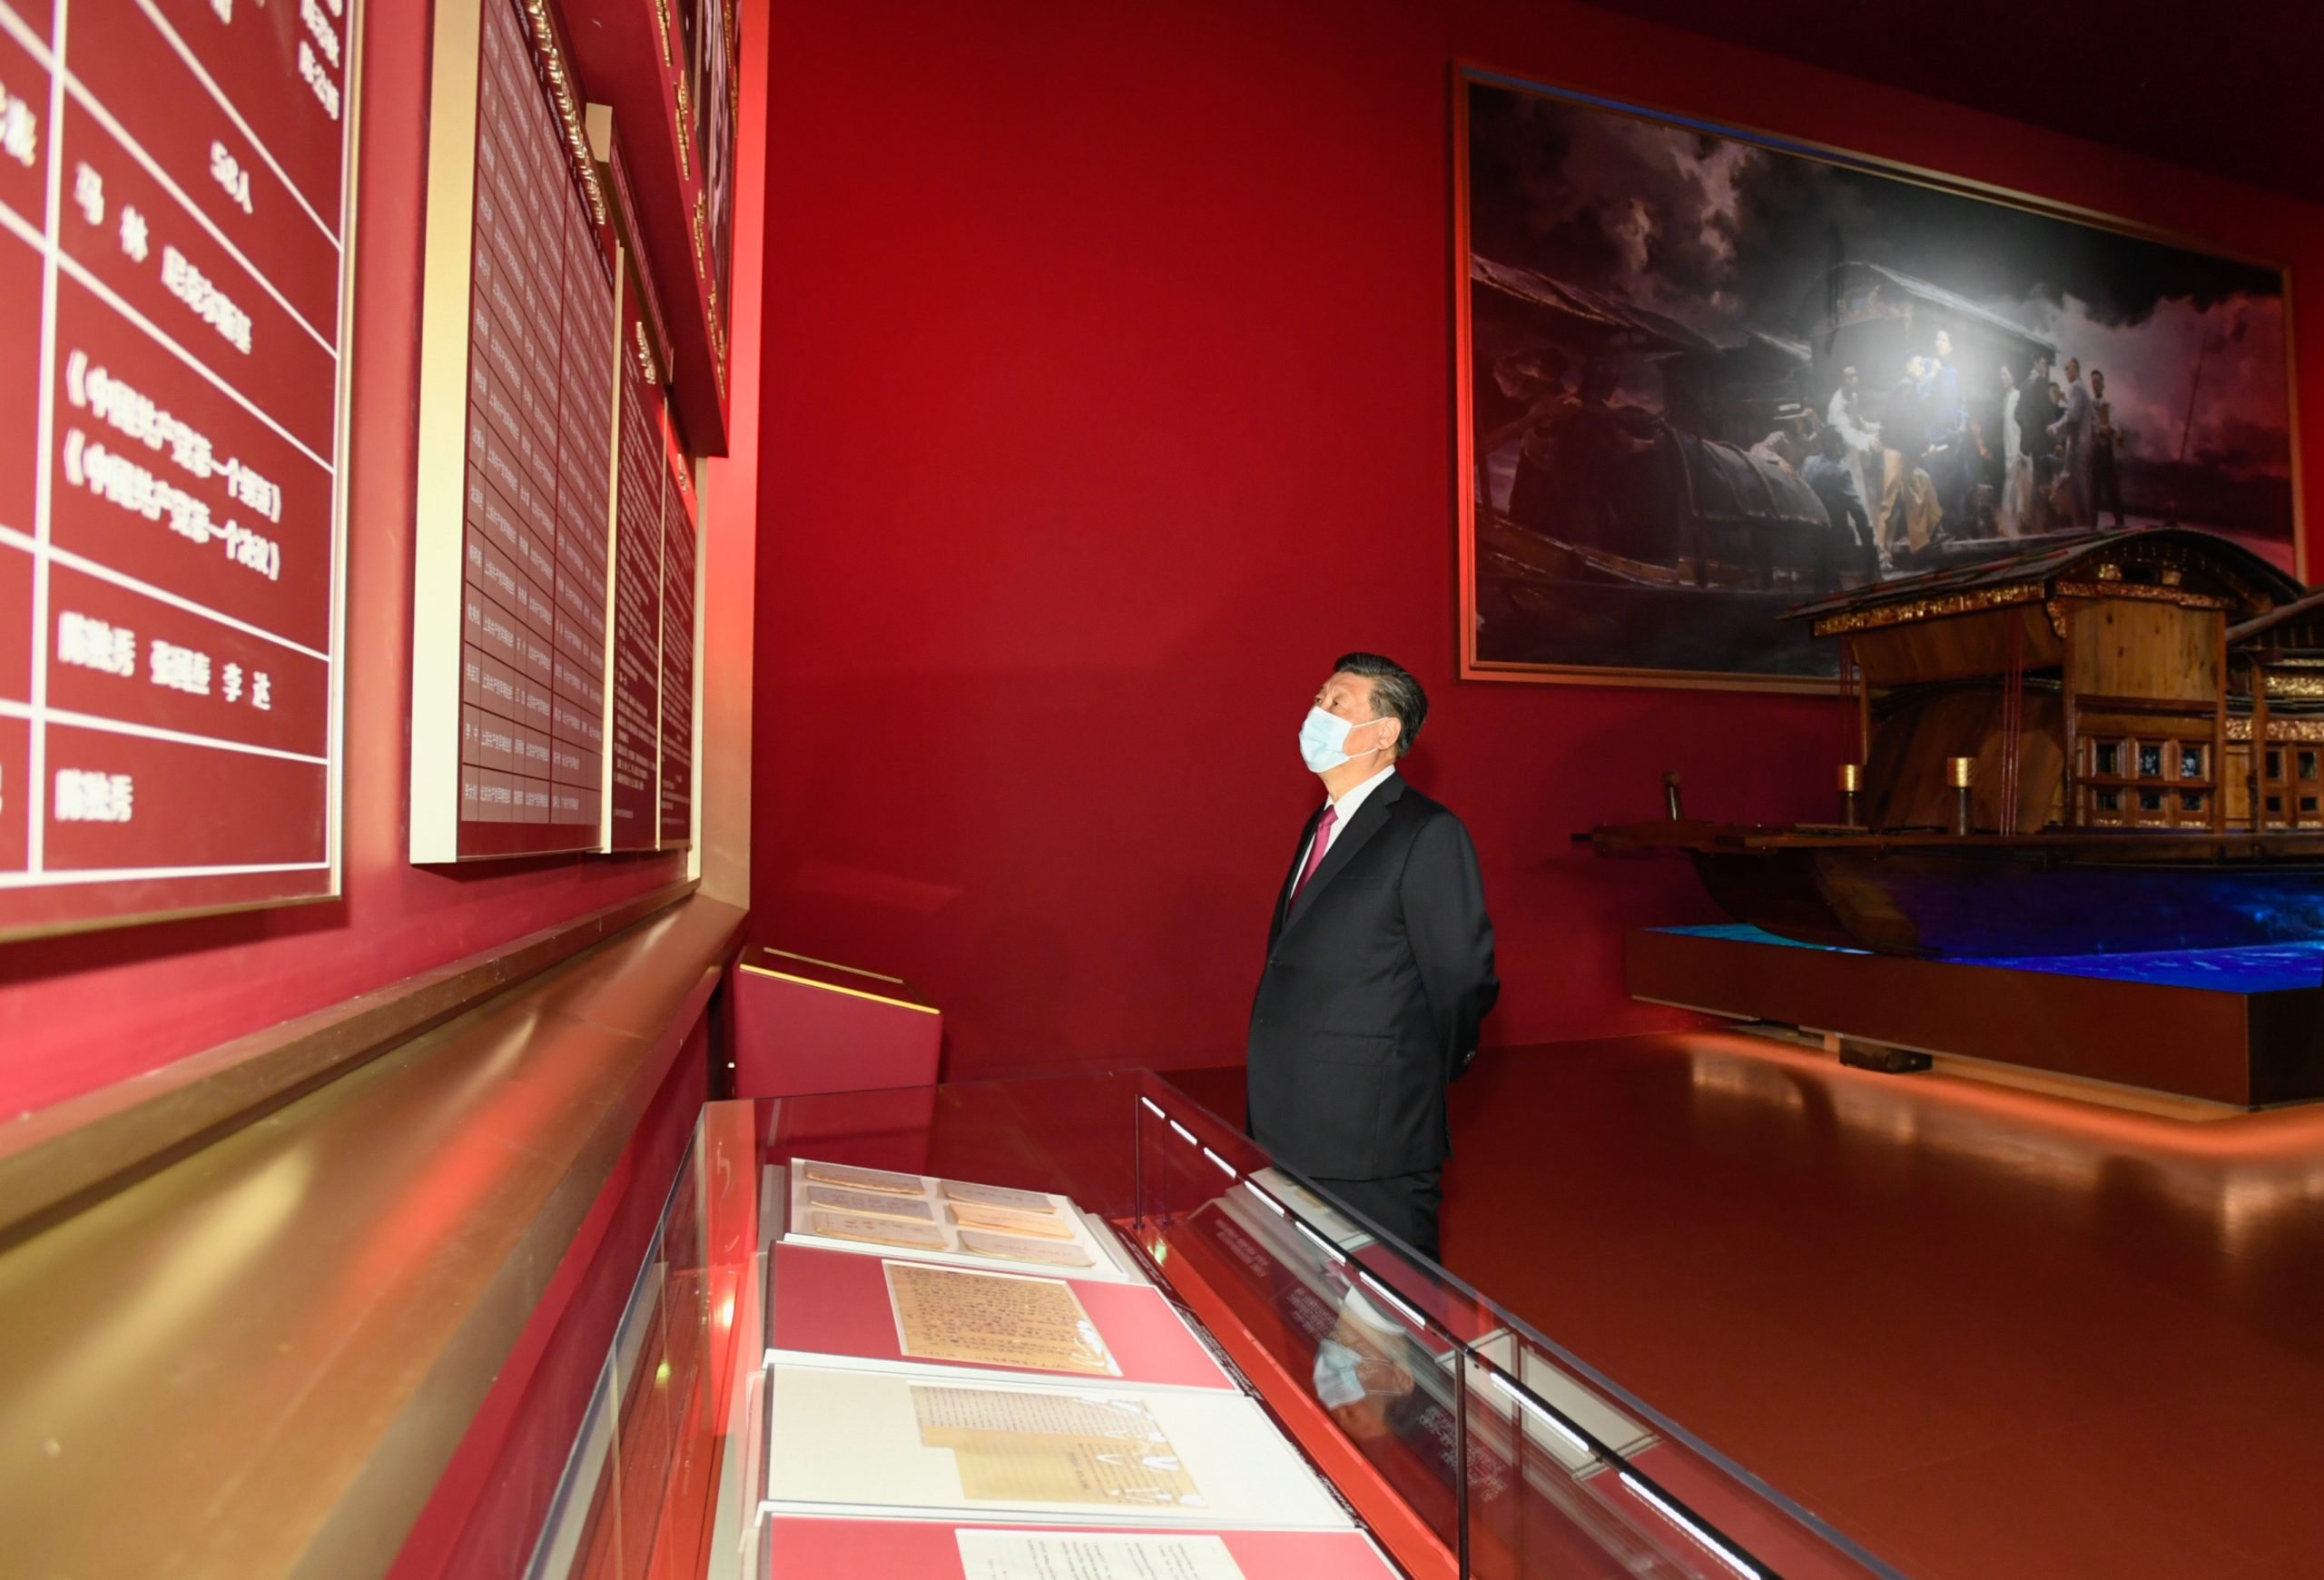 China inaugura exposición sobre historia del Partido antes del centenario del PCCh